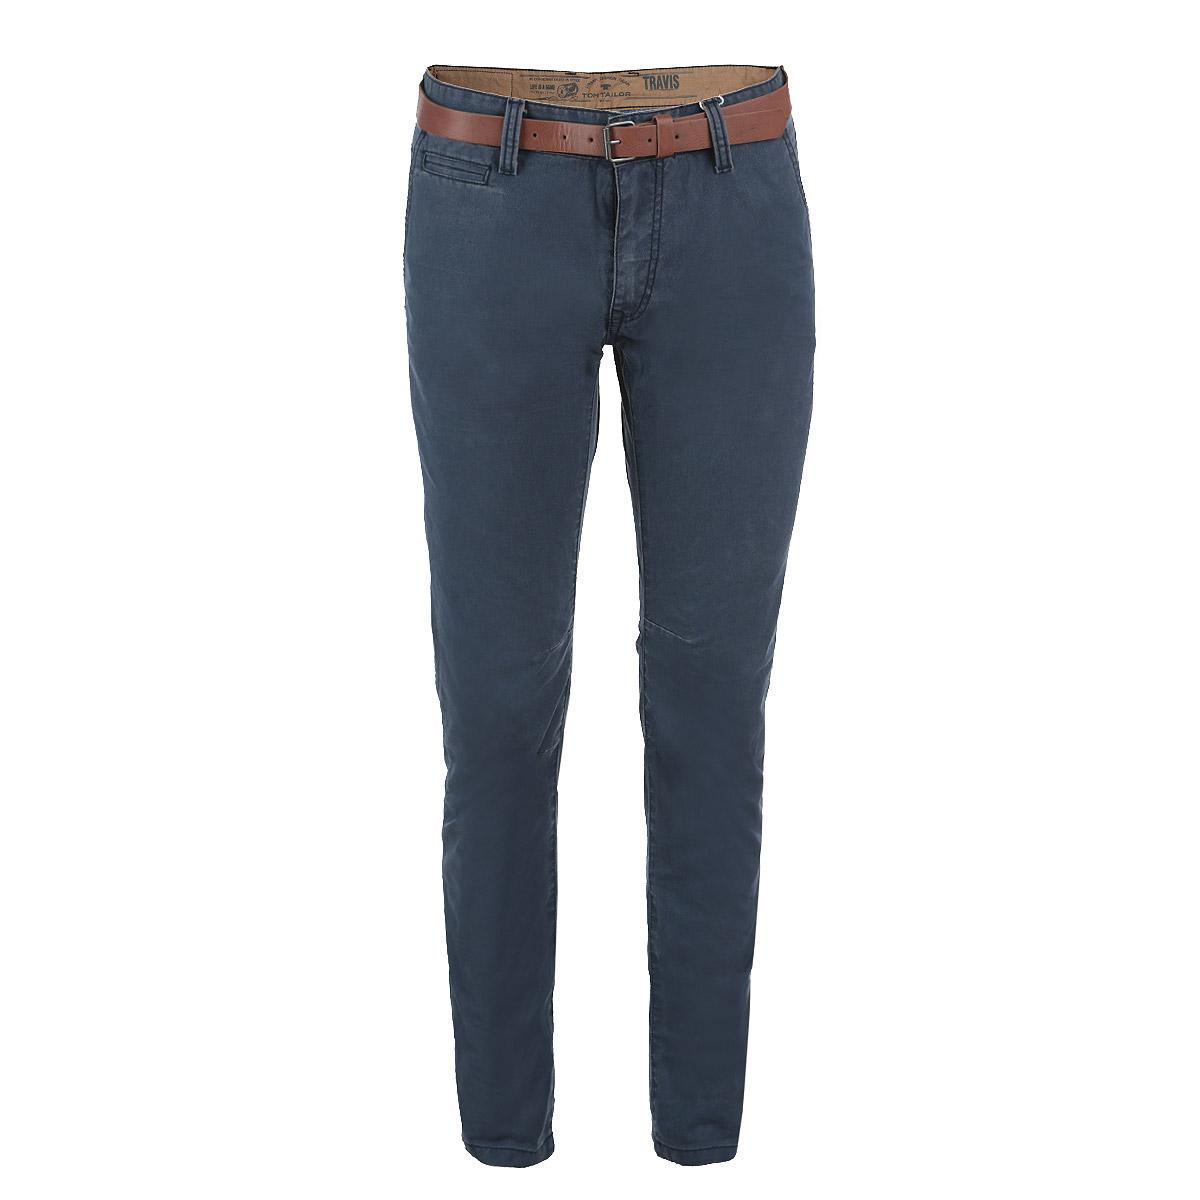 Брюки мужские. 6403407.00.106403407.00.10Стильные мужские брюки Tom Tailor, выполненные из высококачественного материала, подходят большинству мужчин. Модель зауженного кроя и средней посадки станет отличным дополнением к вашему современному образу. Застегиваются брюки на пуговицу в поясе и ширинку на молнии, имеются шлевки для ремня и ремень из искусственной кожи в комплекте. Спереди модель оформлена двумя втачными карманами с косыми краями и небольшим секретным кармашком, а сзади - двумя втачными карманами с клапанами на пуговицах. Эти модные и в тоже время комфортные брюки послужат отличным дополнением к вашему гардеробу. В них вы всегда будете чувствовать себя уютно и комфортно.